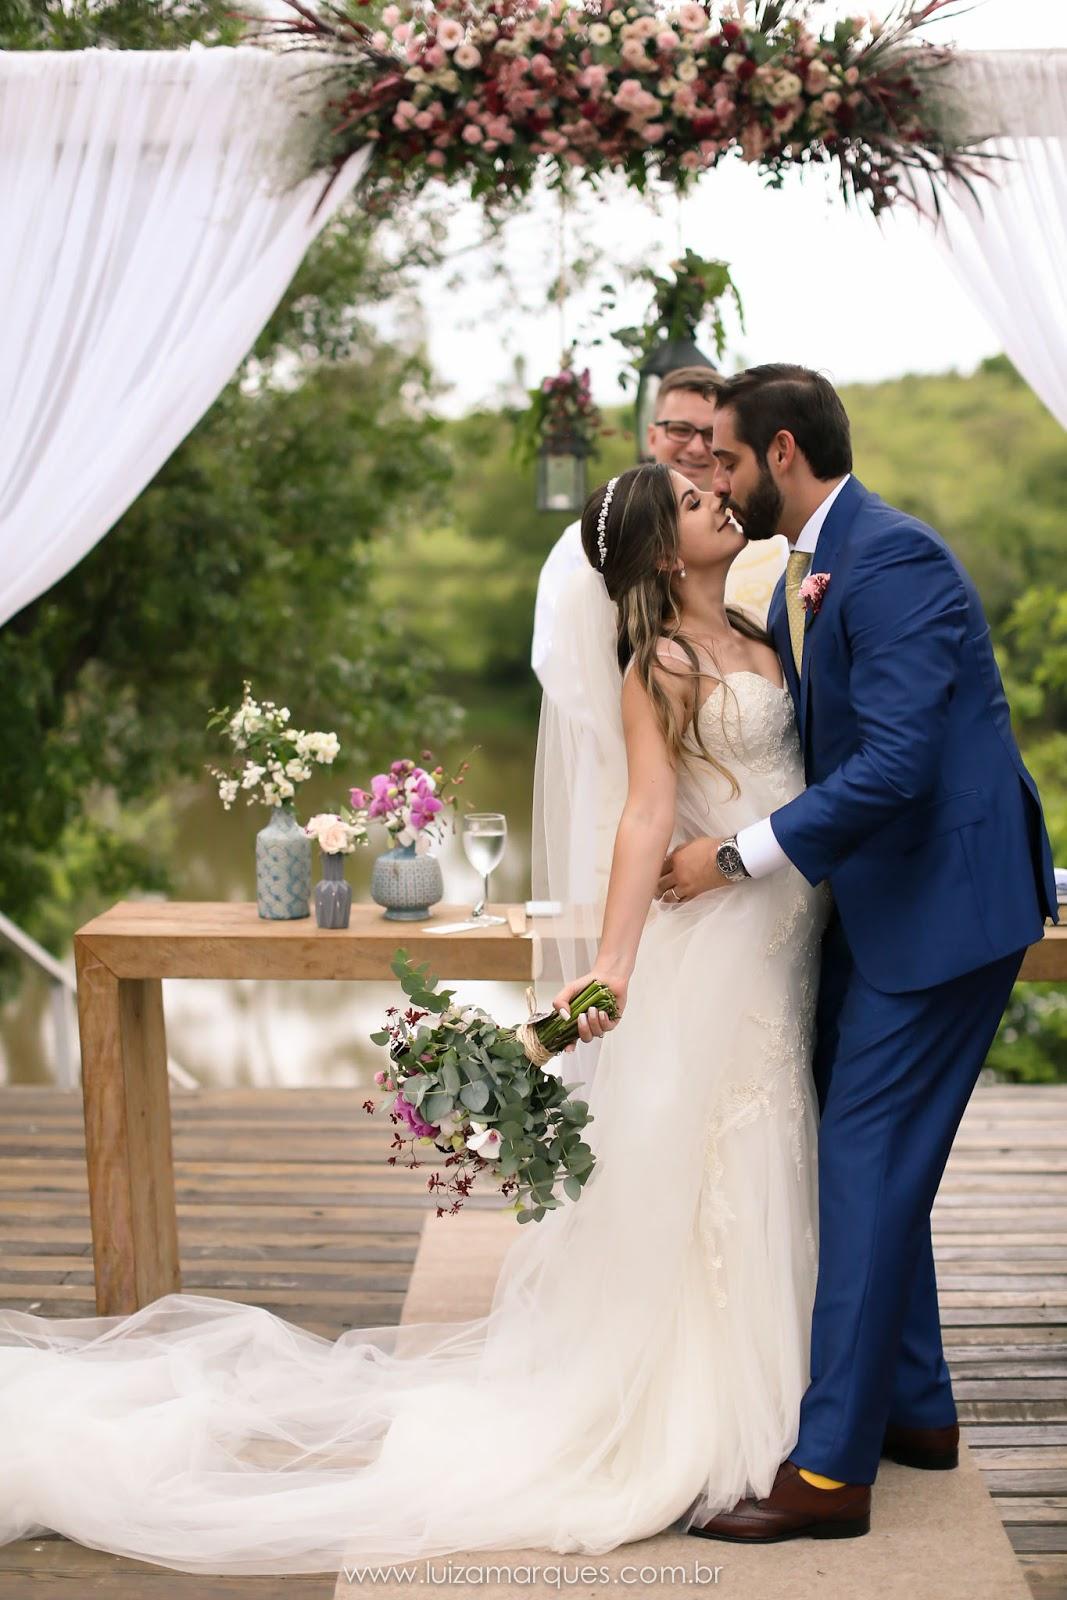 casamento-tre-marie-boituva-gabi-e-andre-luiza-marques-fotografia-86